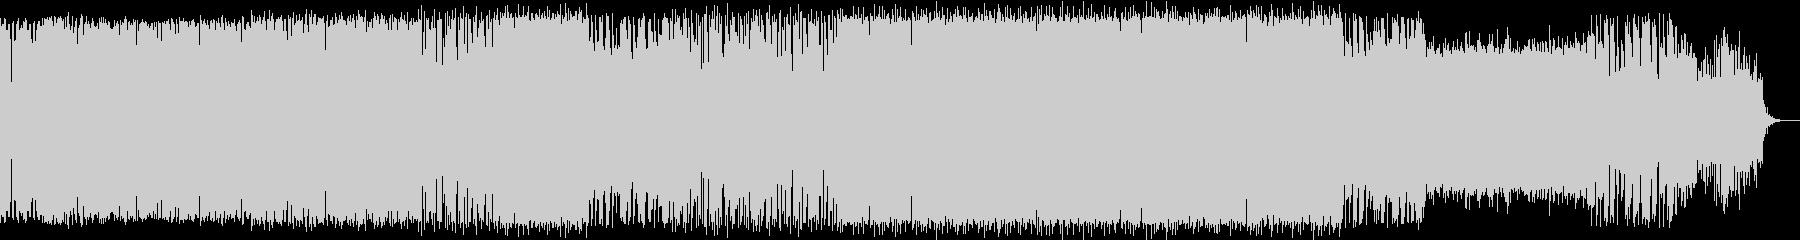 深海イメージ曲(メロディ・ソロなし)の未再生の波形